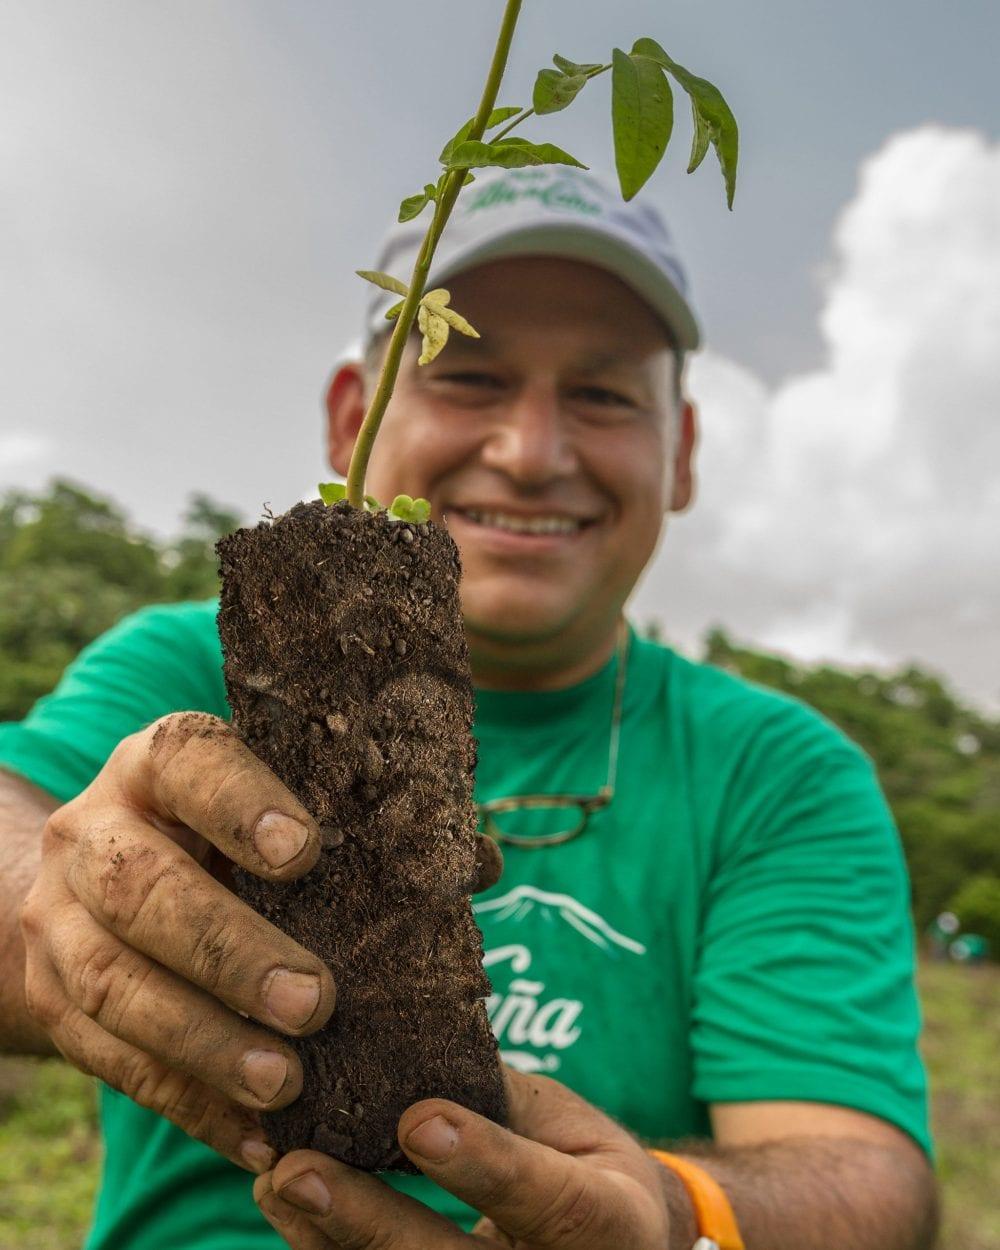 Flor de Caña anunció su alianza con One Tree Planted hoy en el marco de las celebraciones del Día de la Tierra.